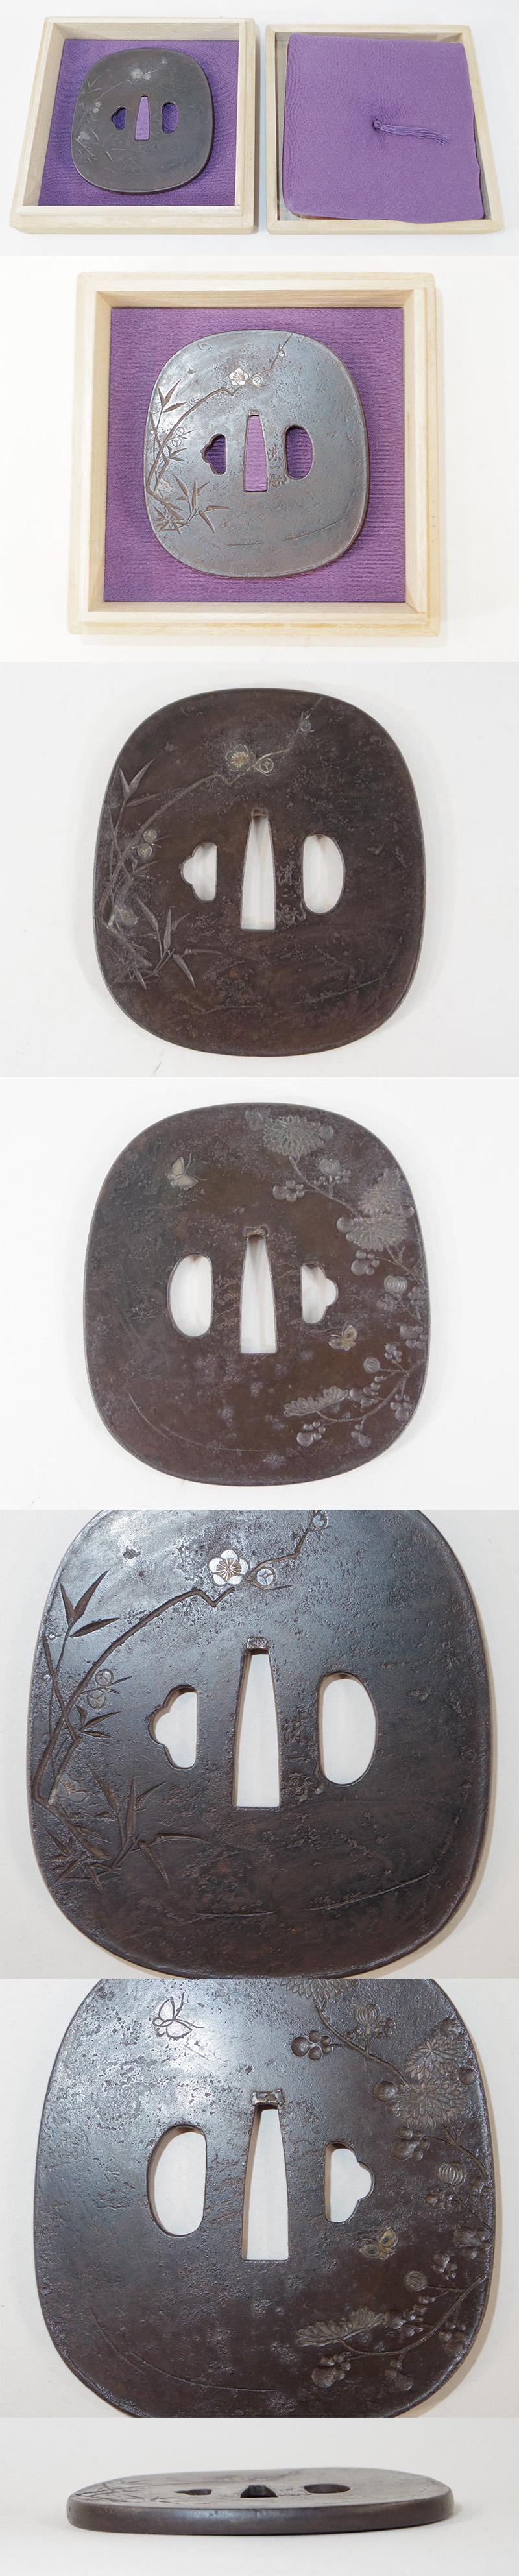 歳寒三友図鍔  誠一(花押) Picture of parts